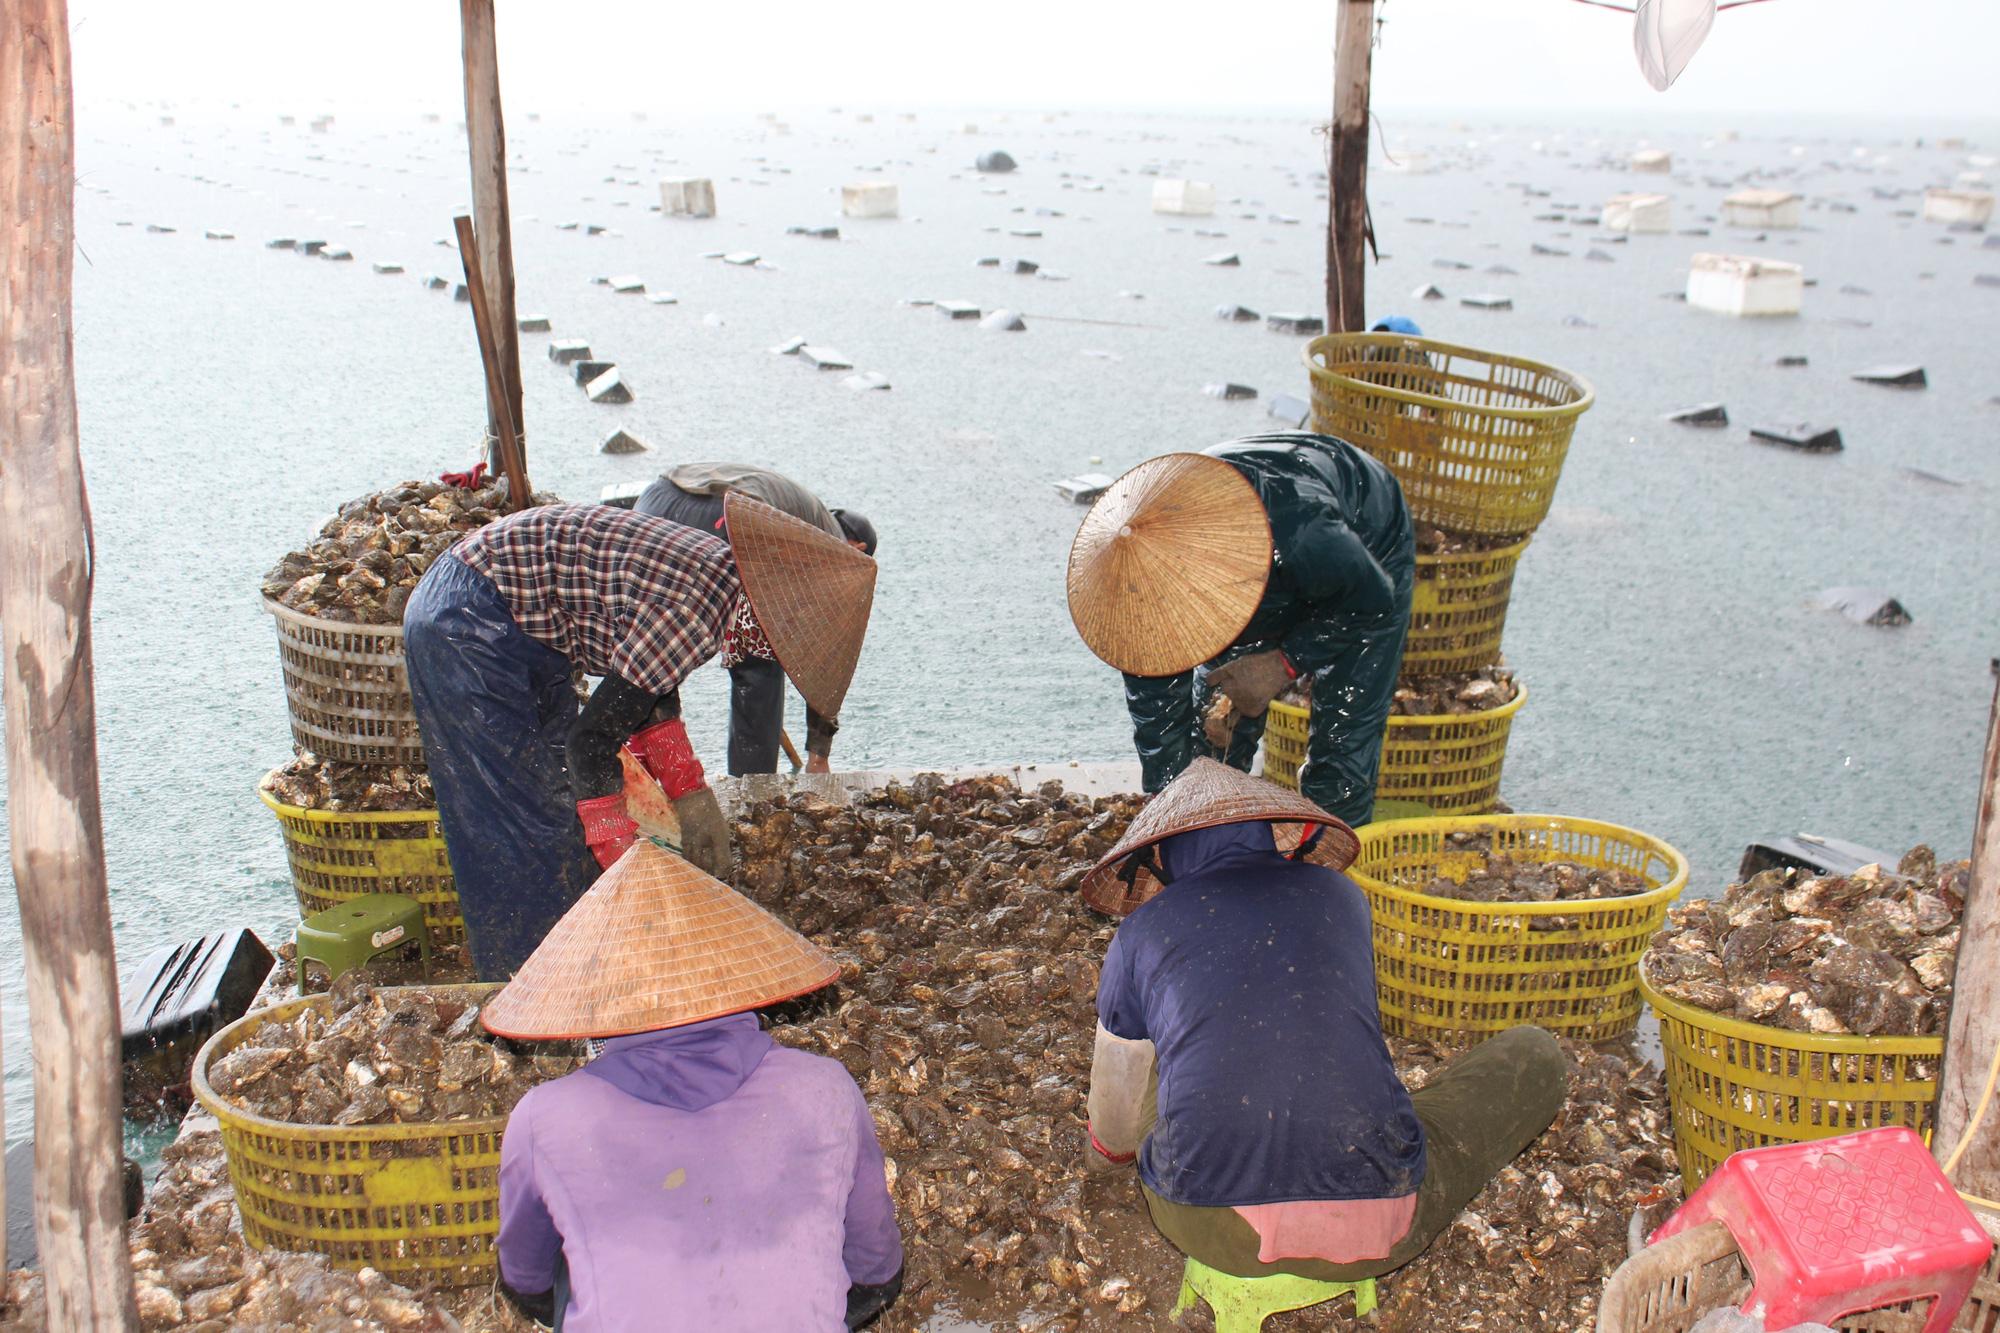 Quảng Ninh: Hàu sữa rớt giá vì dịch COVID-19, ngư dân trắng đêm thu hoạch - Ảnh 12.